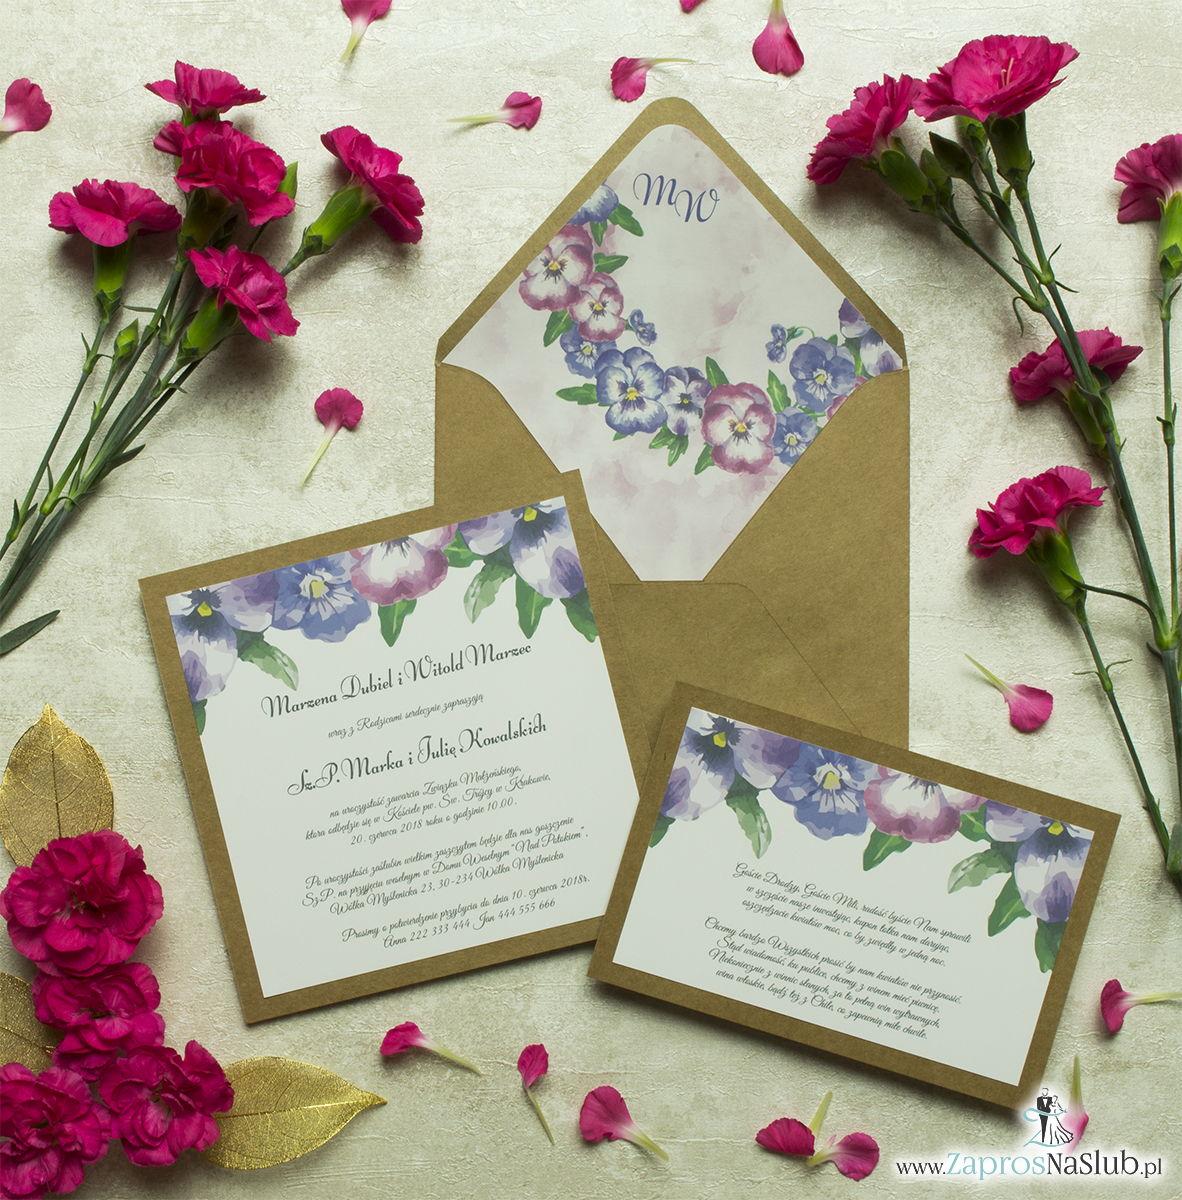 Dwuczęściowe, kwiatowe zaproszenia ślubne w stylu eko, z kwiatami bratków w dwóch kolorach. ZAP-76-08